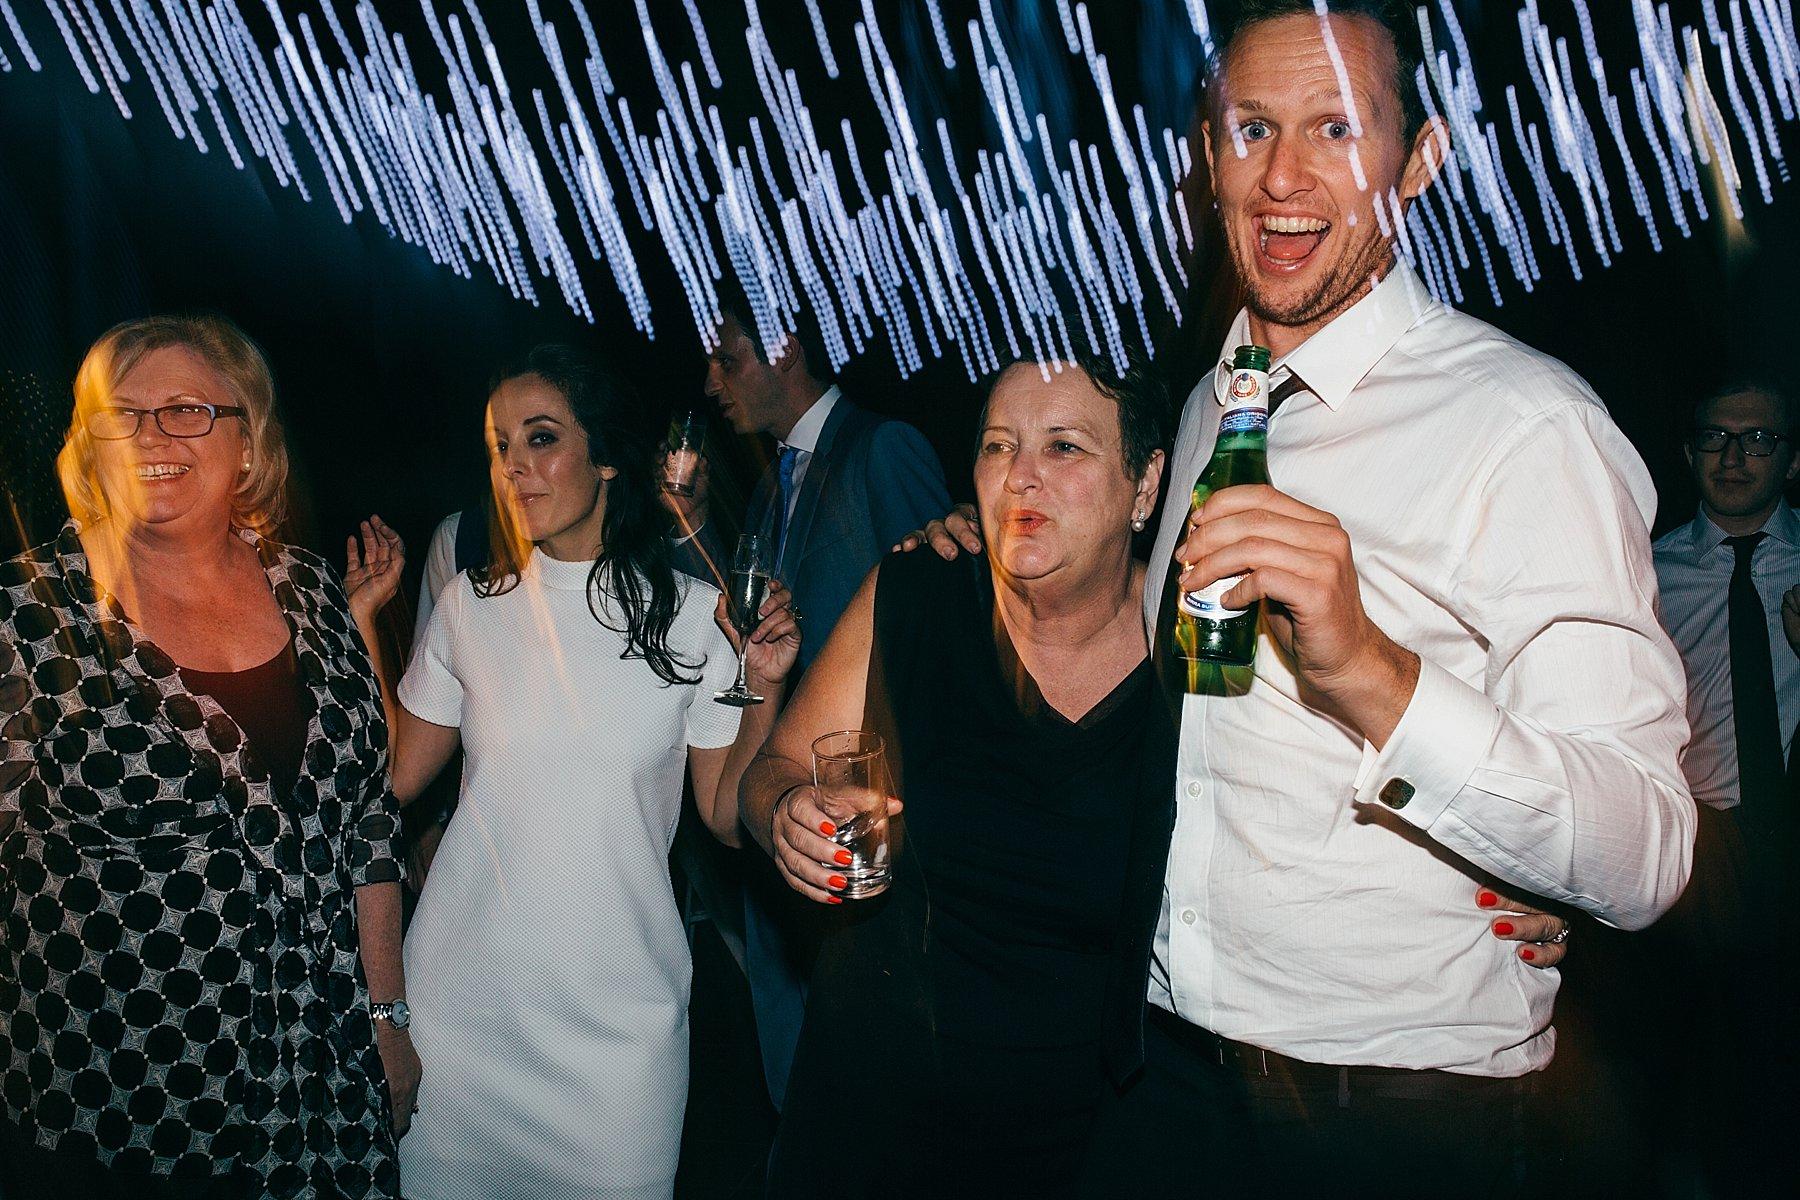 CV-746 Left-Bank-Leeds wedding dancing.jpg